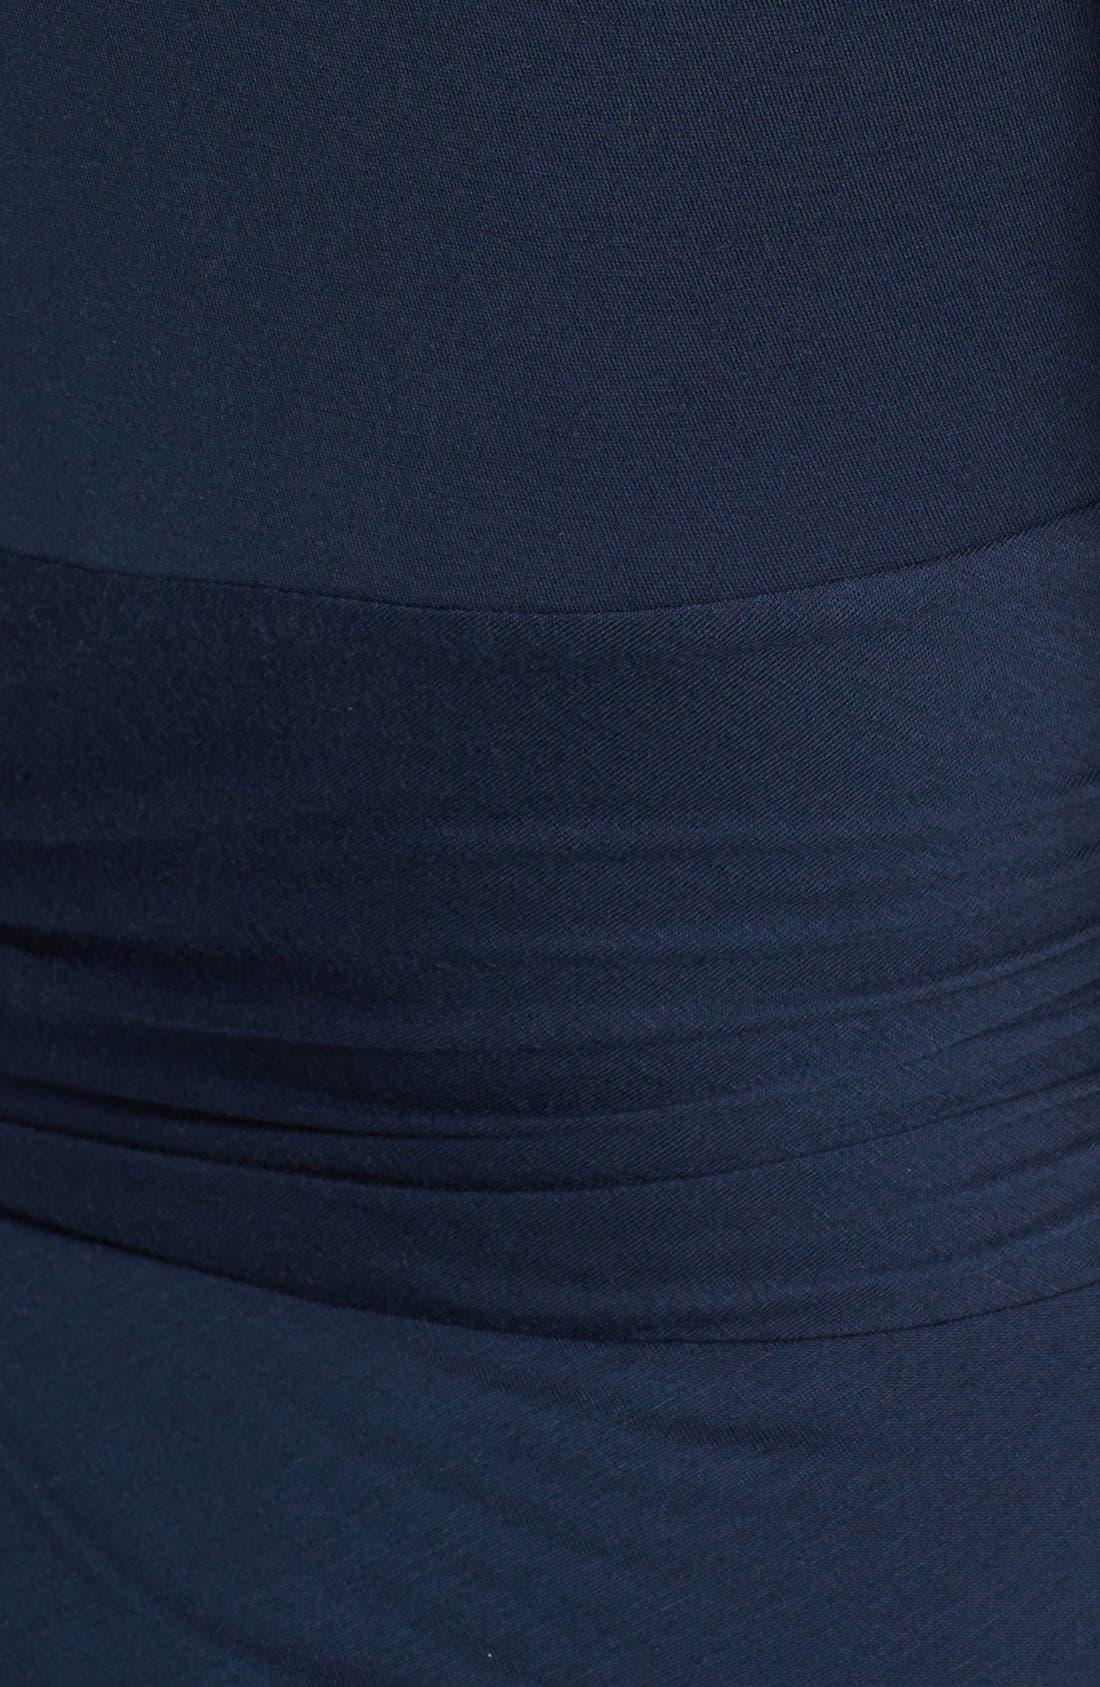 Alternate Image 3  - Diane von Furstenberg 'Chelsea' Knit Dress